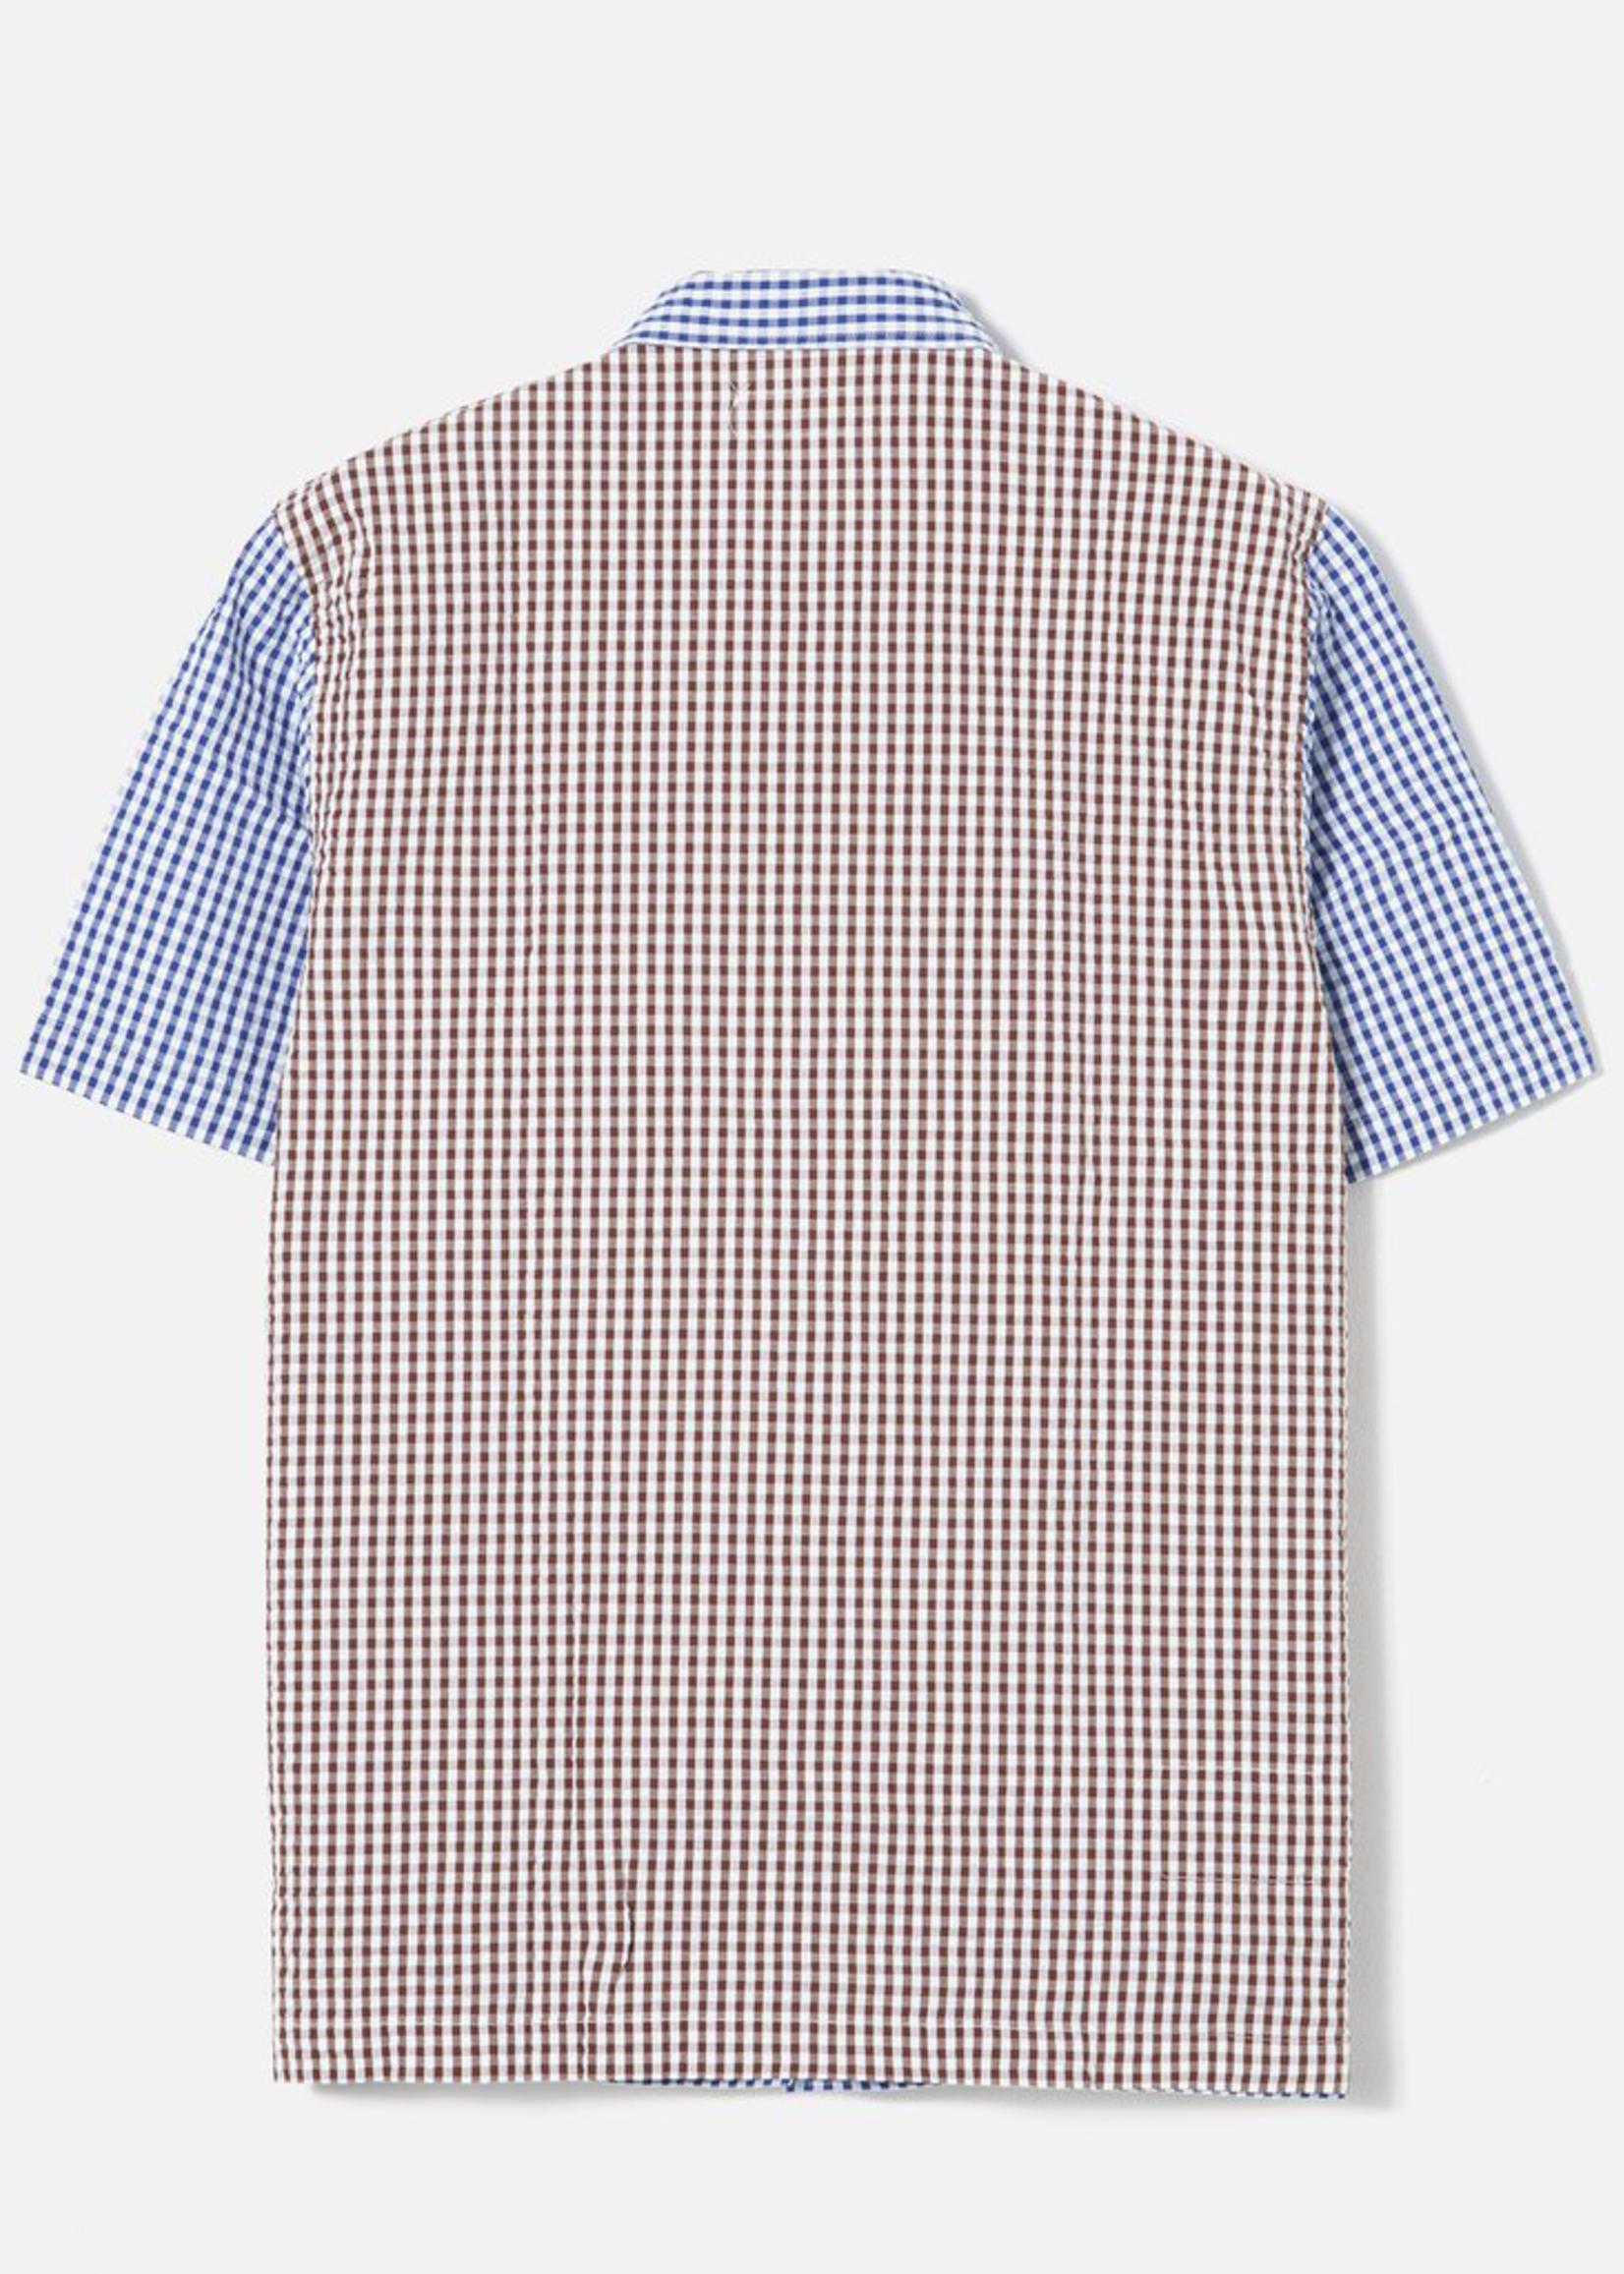 Universal Works Road Shirt Blue/Brown Gingham Seersucker by Universal Works